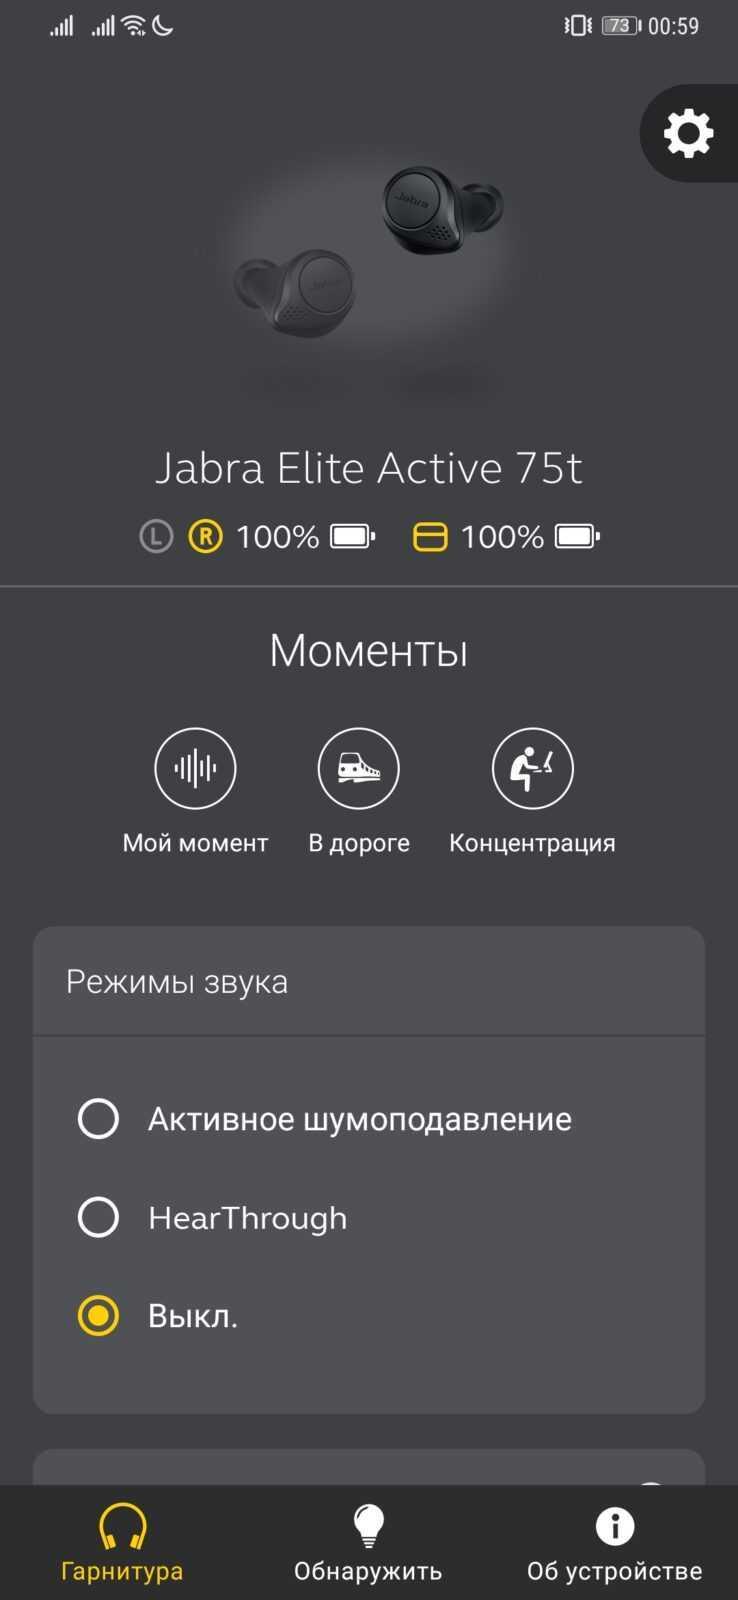 Обзор Jabra Elite active 75t: король умер, да здравствует король (screenshot 20210518 005958 com.jabra .moments)